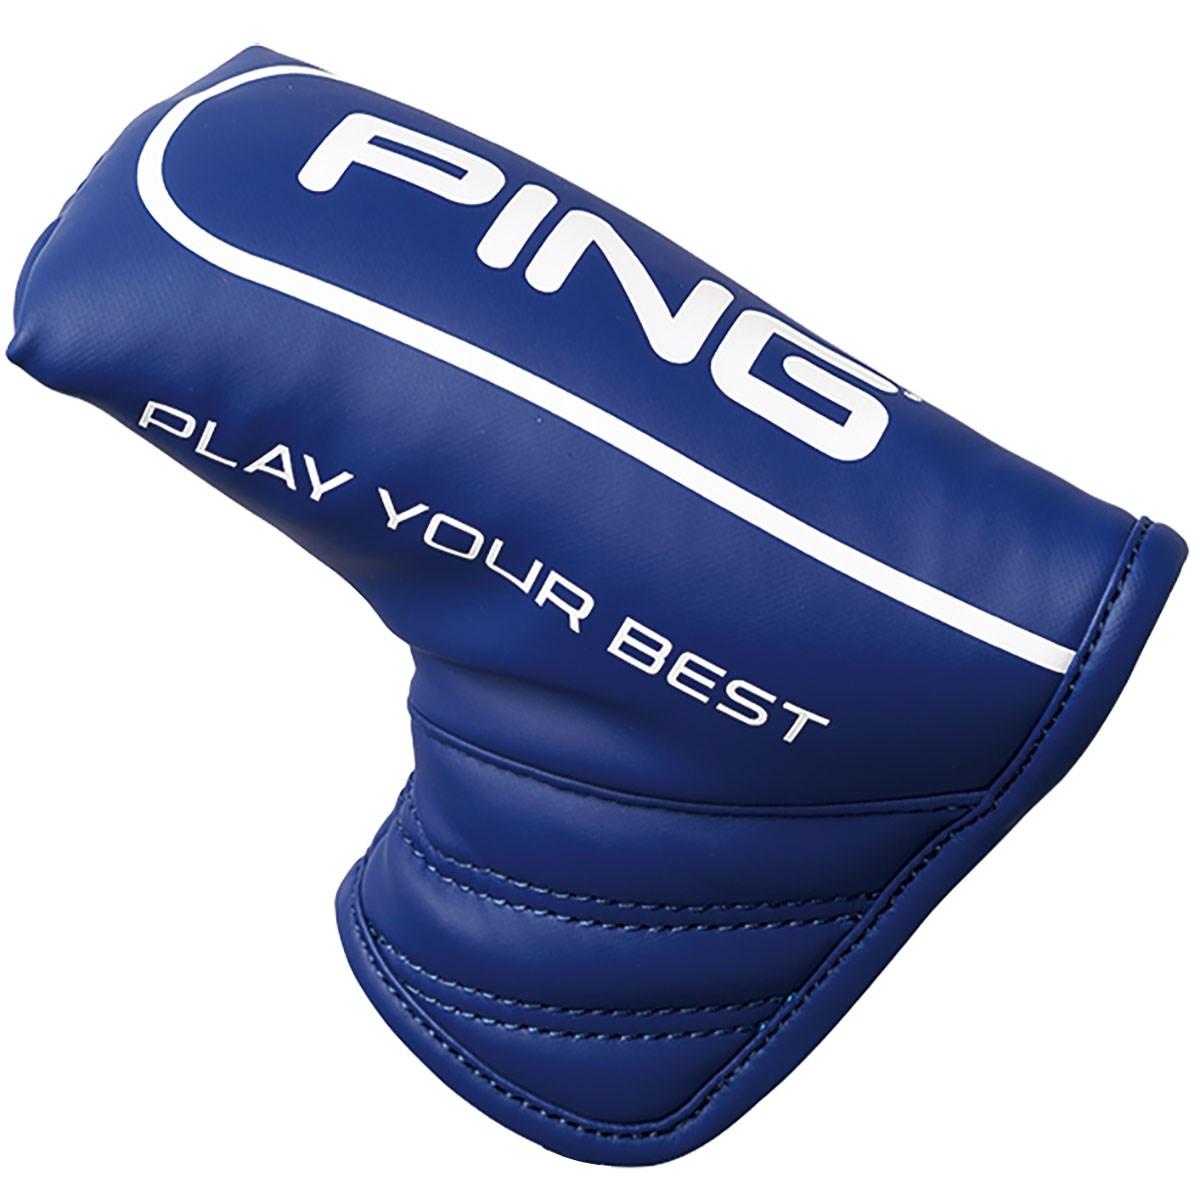 [2019年モデル] ピン PING パターカバー ブルー メンズ ゴルフ